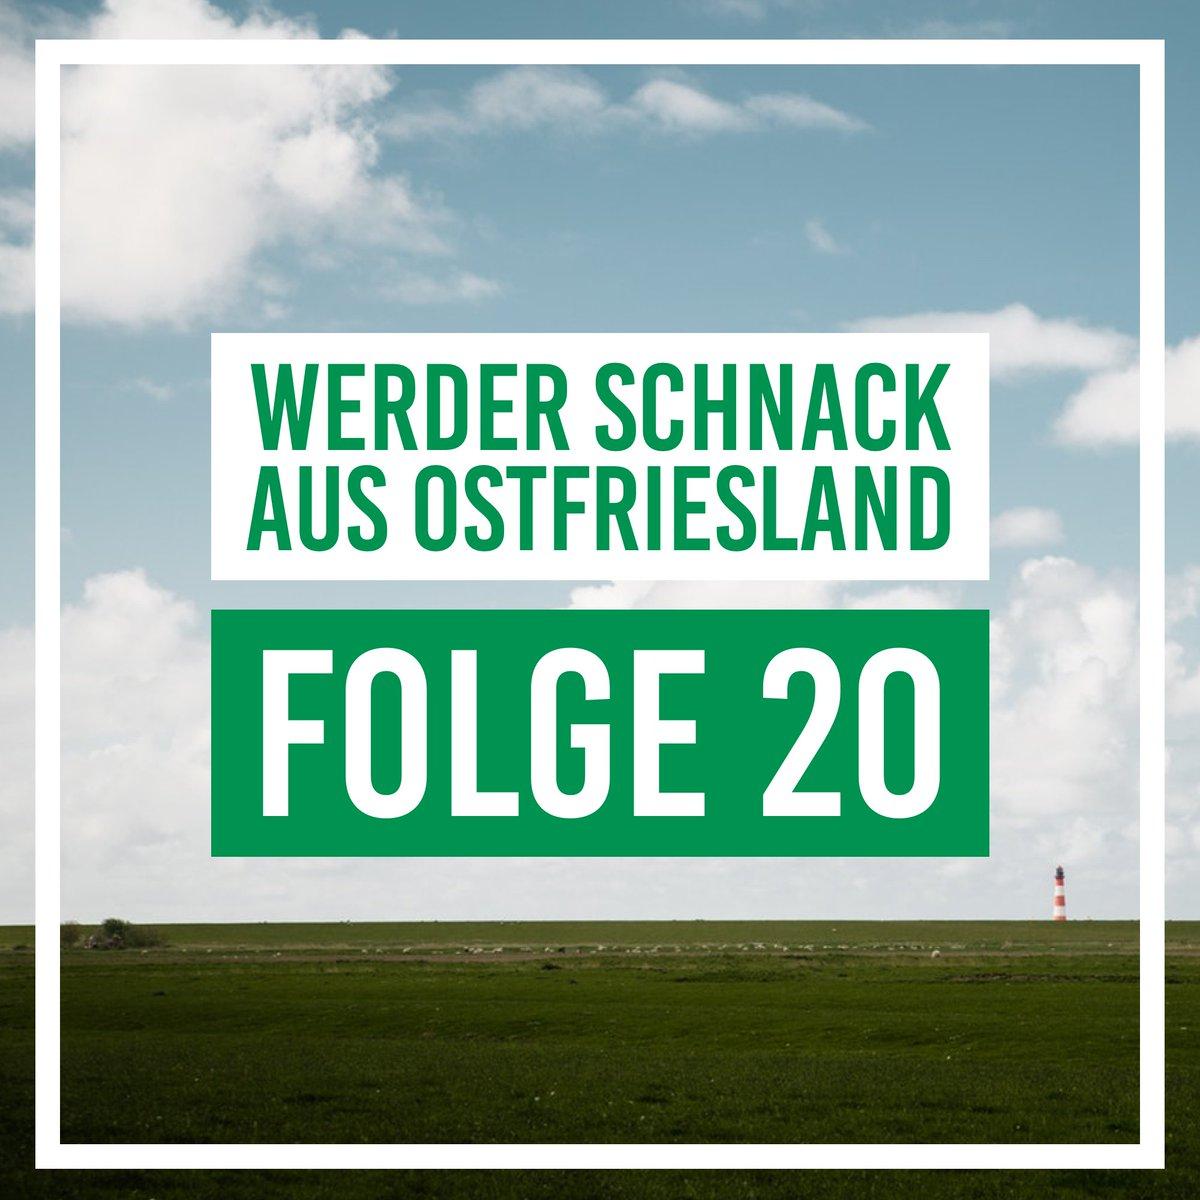 Werder Schnack aus Ostfriesland's photo on #SVWFCA